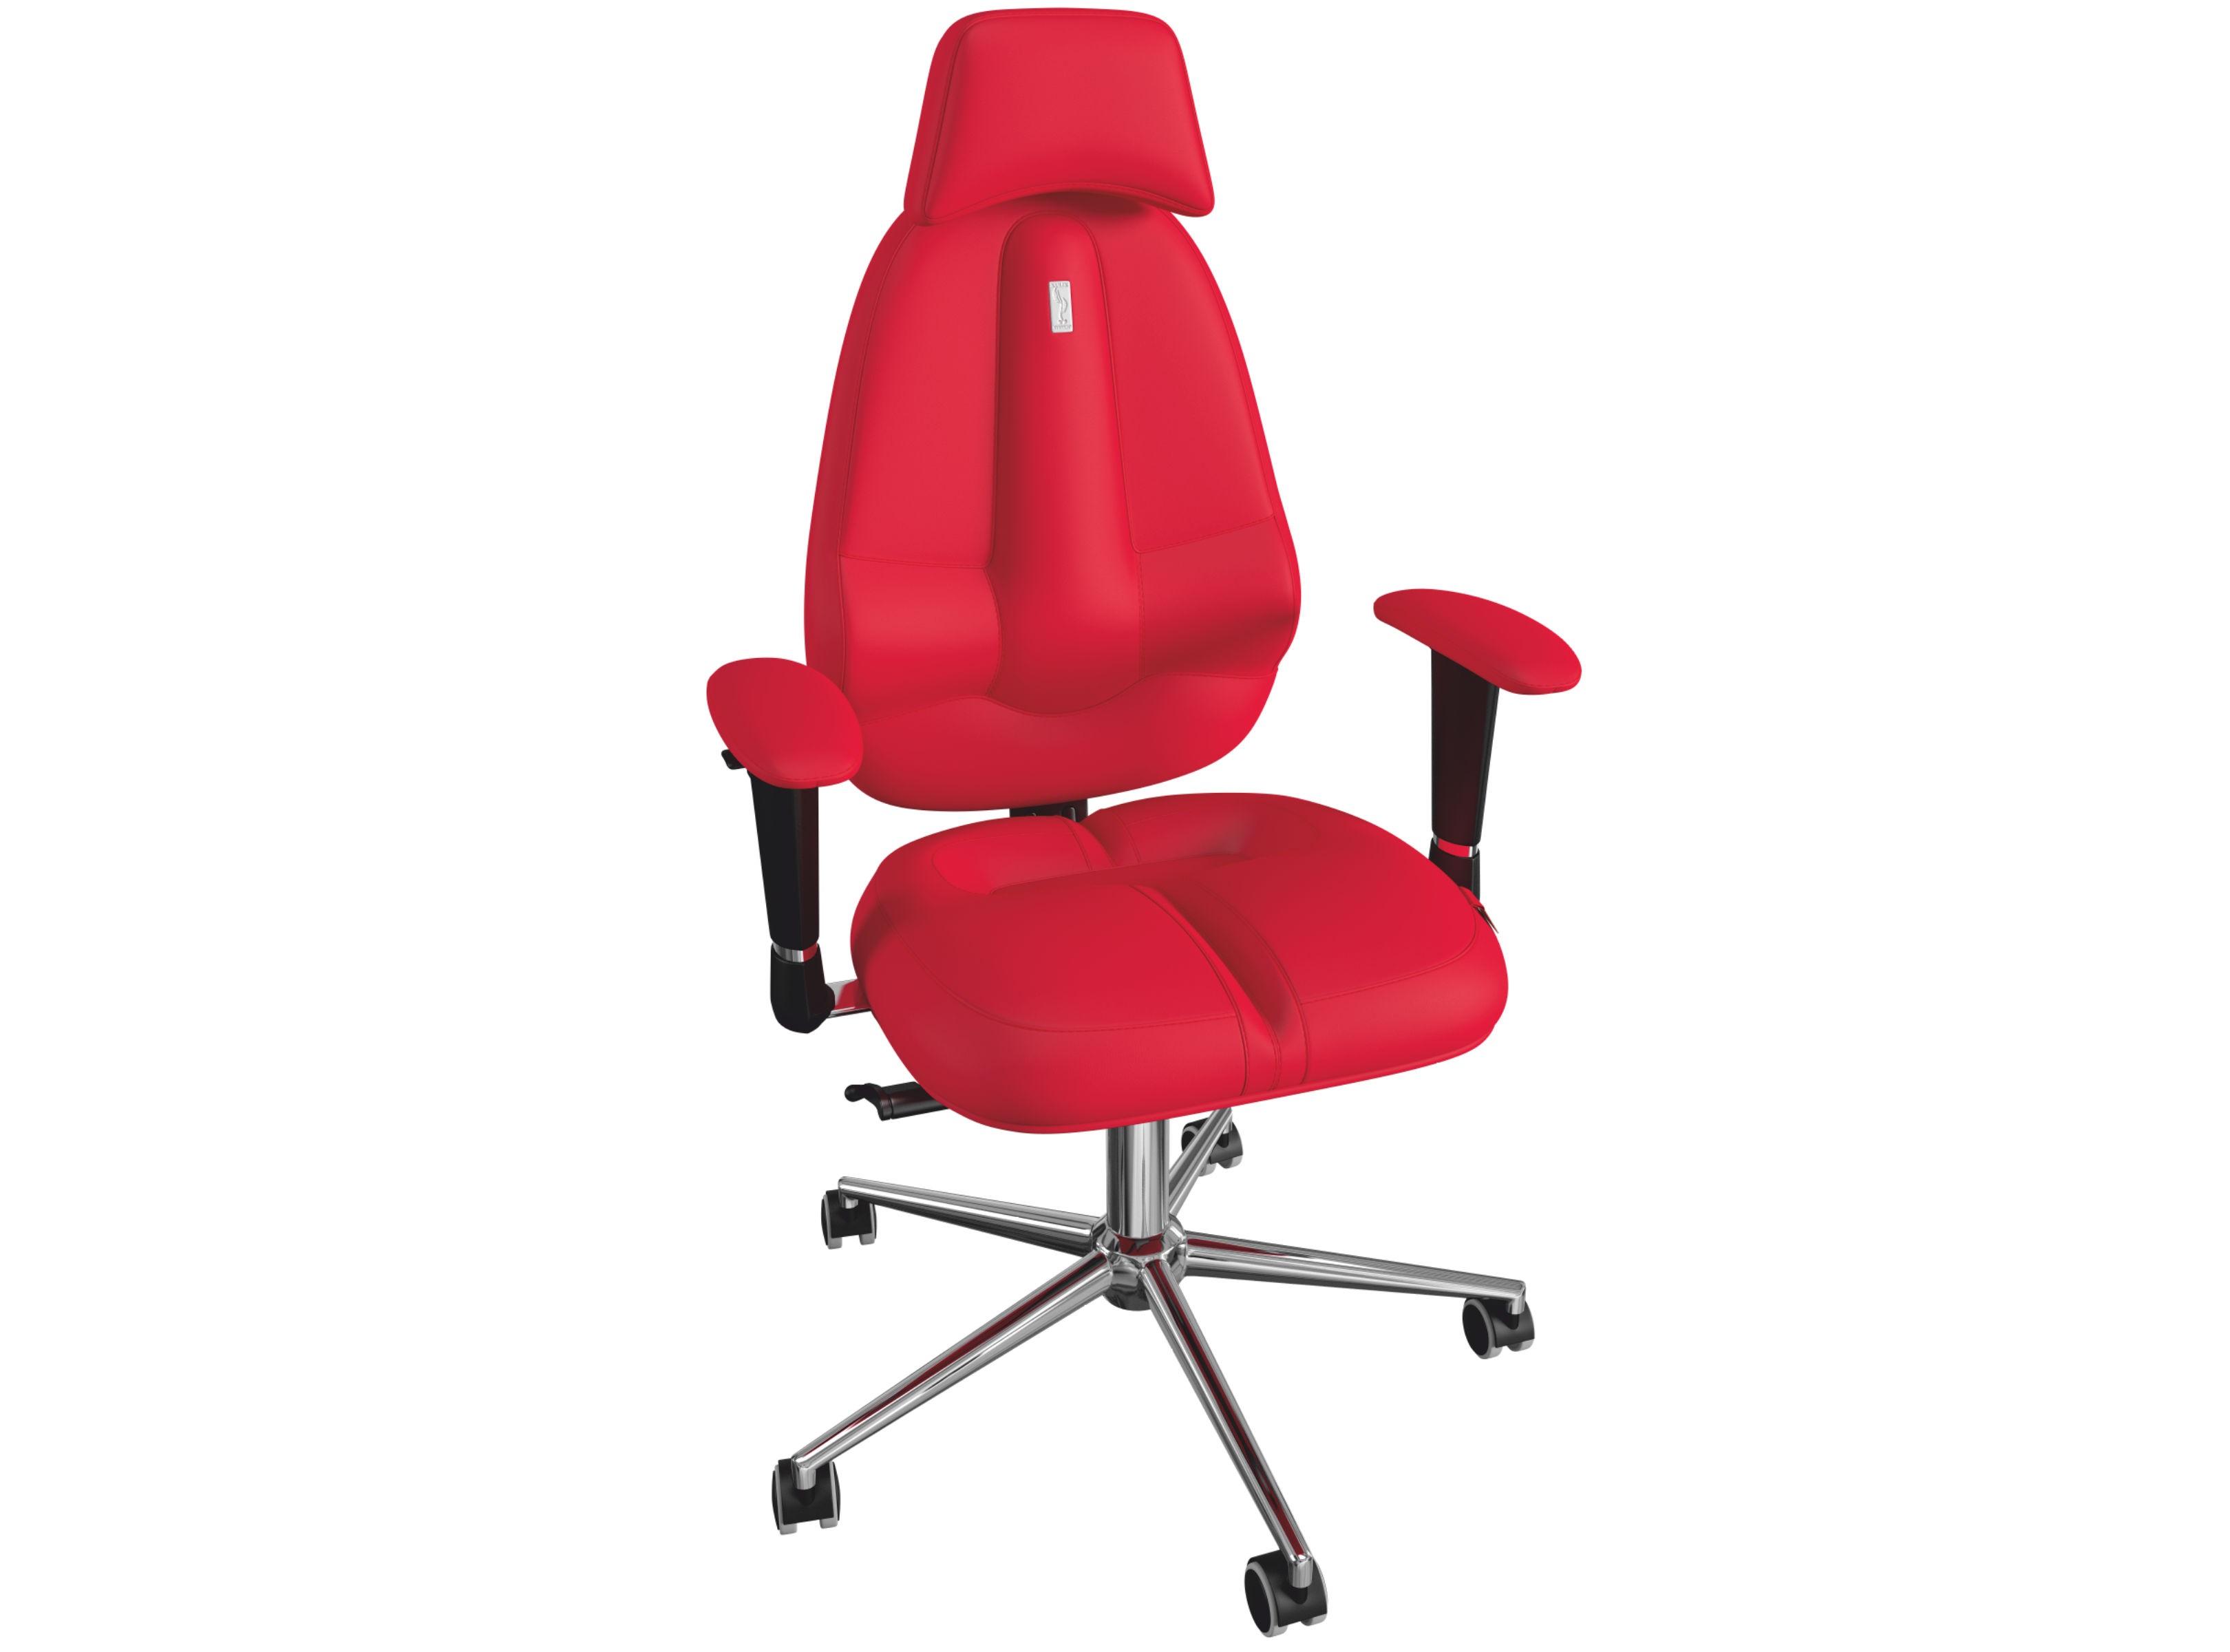 Кресло CLASSIC MAXIРабочие кресла<br>&amp;lt;div&amp;gt;Серия эргономичных кресел CLASSIC всегда привлекает внимание. Классический вид и благородная элегантность моделей этой серии подарят владельцу ощущение гармонии и совершенства. Такое кресло идеально впишется в любой интерьер, будь то самый современный офис или же уютный дом.&amp;amp;nbsp;&amp;lt;/div&amp;gt;&amp;lt;div&amp;gt;&amp;lt;br&amp;gt;&amp;lt;/div&amp;gt;&amp;lt;div&amp;gt;Дополнительная комплектация:&amp;amp;nbsp;&amp;lt;/div&amp;gt;&amp;lt;div&amp;gt;Эргономичный подголовник (+ или -), регулируемый по высоте и углу наклона.&amp;amp;nbsp;&amp;lt;/div&amp;gt;&amp;lt;div&amp;gt;Дизайнерский шов, перфорация на коже, заказ в другом материале (натуральная кожа, экокожа, азур, антара) и цвете из палитры образцов, комбинация DUO COLOR.&amp;amp;nbsp;&amp;lt;/div&amp;gt;&amp;lt;div&amp;gt;Информацию по стоимости уточняйте у менеджера.&amp;lt;/div&amp;gt;<br>&amp;lt;br&amp;gt;<br>&amp;lt;iframe width=&amp;quot;500&amp;quot; height=&amp;quot;320&amp;quot; src=&amp;quot;https://www.youtube.com/embed/6koG4IB7DW4&amp;quot; frameborder=&amp;quot;0&amp;quot; allowfullscreen=&amp;quot;&amp;quot;&amp;gt;&amp;lt;/iframe&amp;gt;<br>&amp;lt;br&amp;gt;<br>&amp;lt;iframe width=&amp;quot;500&amp;quot; height=&amp;quot;320&amp;quot; src=&amp;quot;https://www.youtube.com/embed/99WAtfUHlt0&amp;quot; frameborder=&amp;quot;0&amp;quot; allowfullscreen=&amp;quot;&amp;quot;&amp;gt;&amp;lt;/iframe&amp;gt;<br><br>Material: Кожа<br>Ширина см: 66.0<br>Высота см: 131.0<br>Глубина см: 47.0